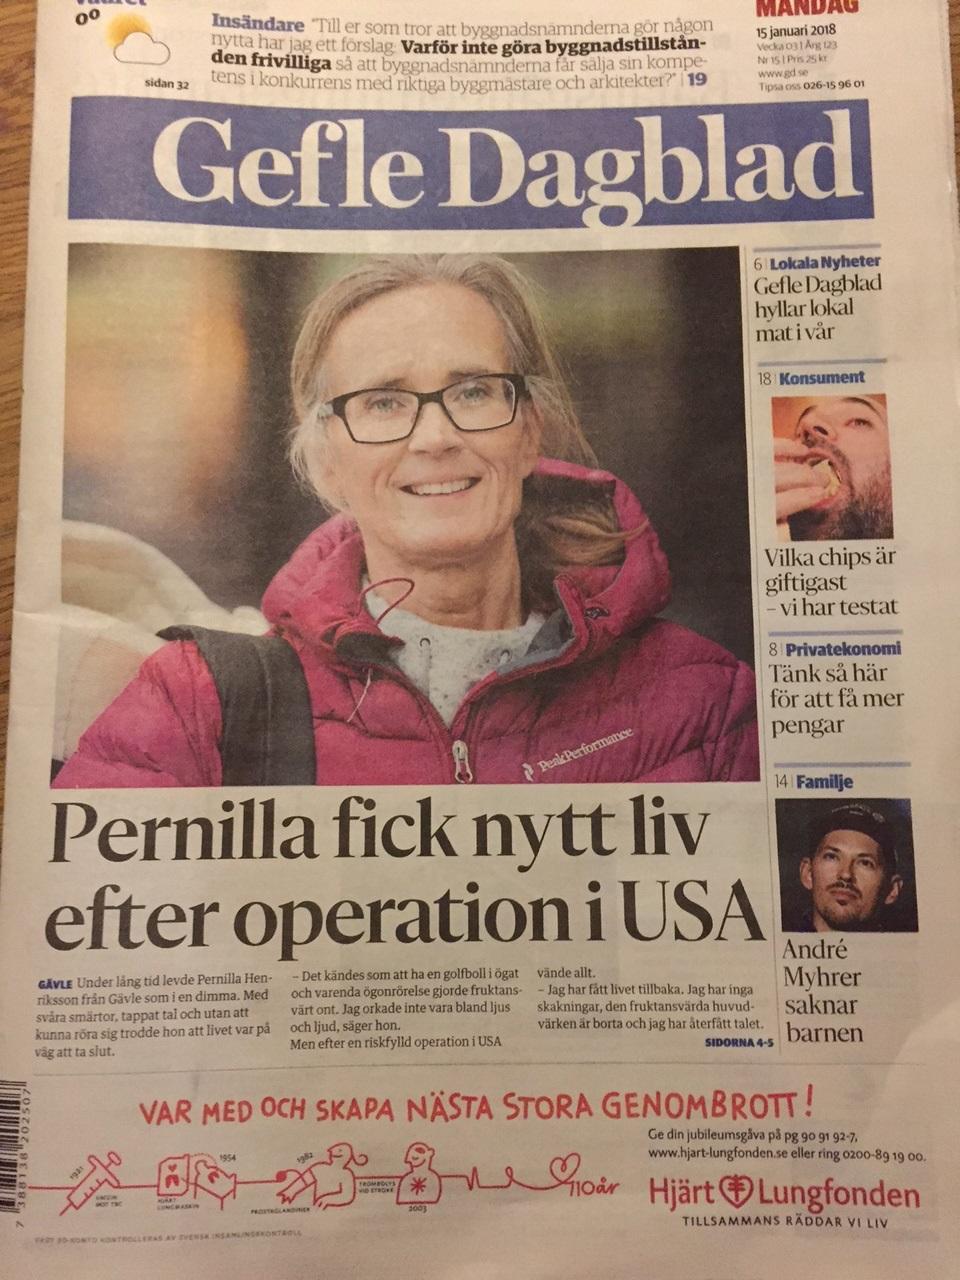 Pernilla fick nytt liv